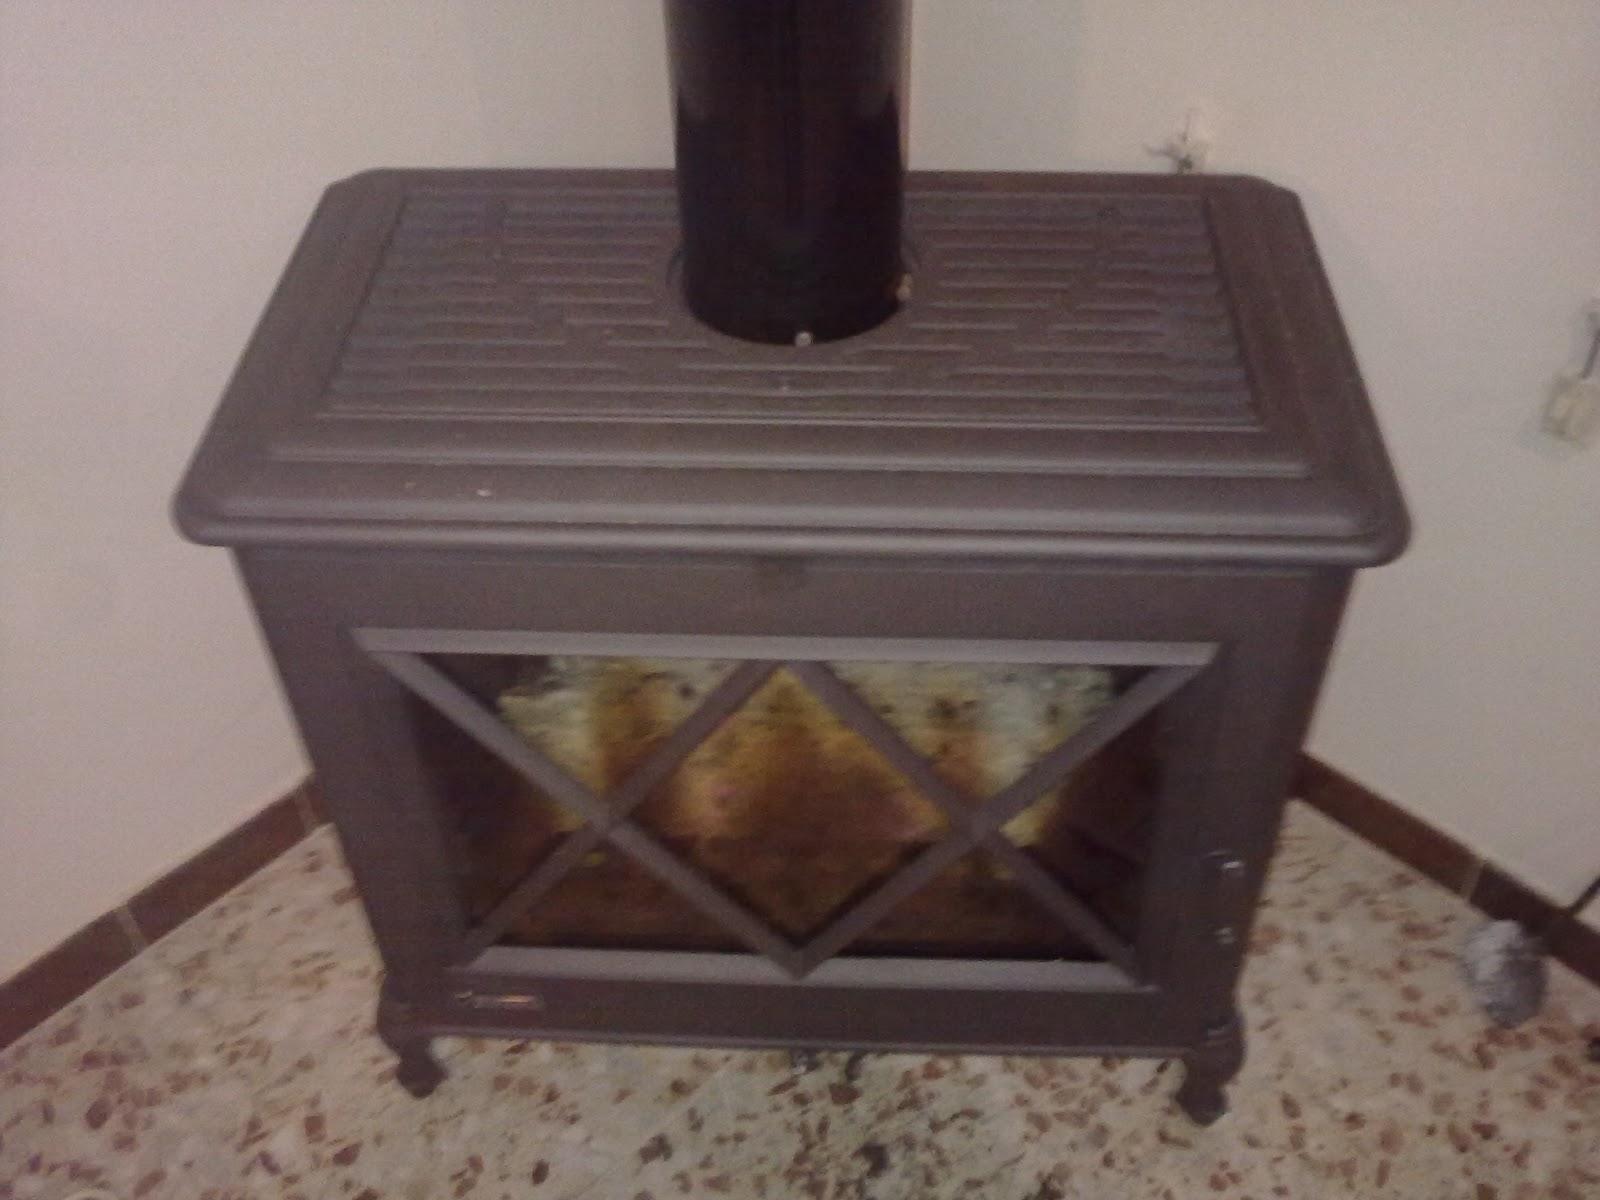 Permautoformacion madrid colocaci n de estufa de le a - Estufas de lena en madrid ...